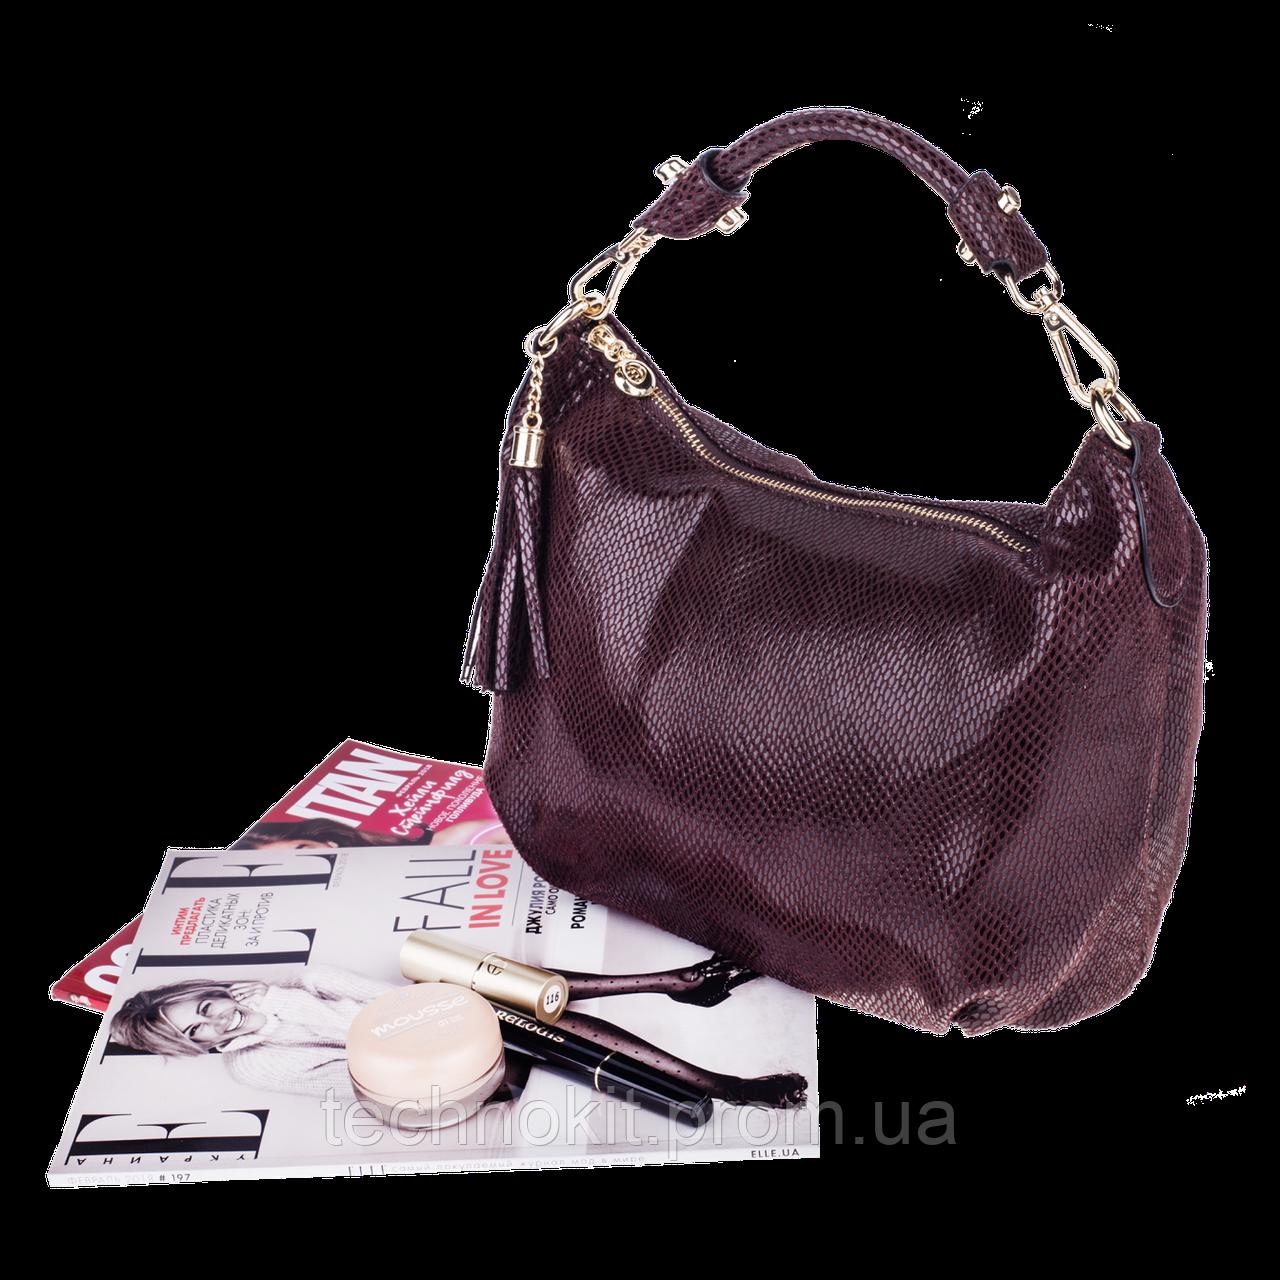 Женская сумка Realer P112 коричневая